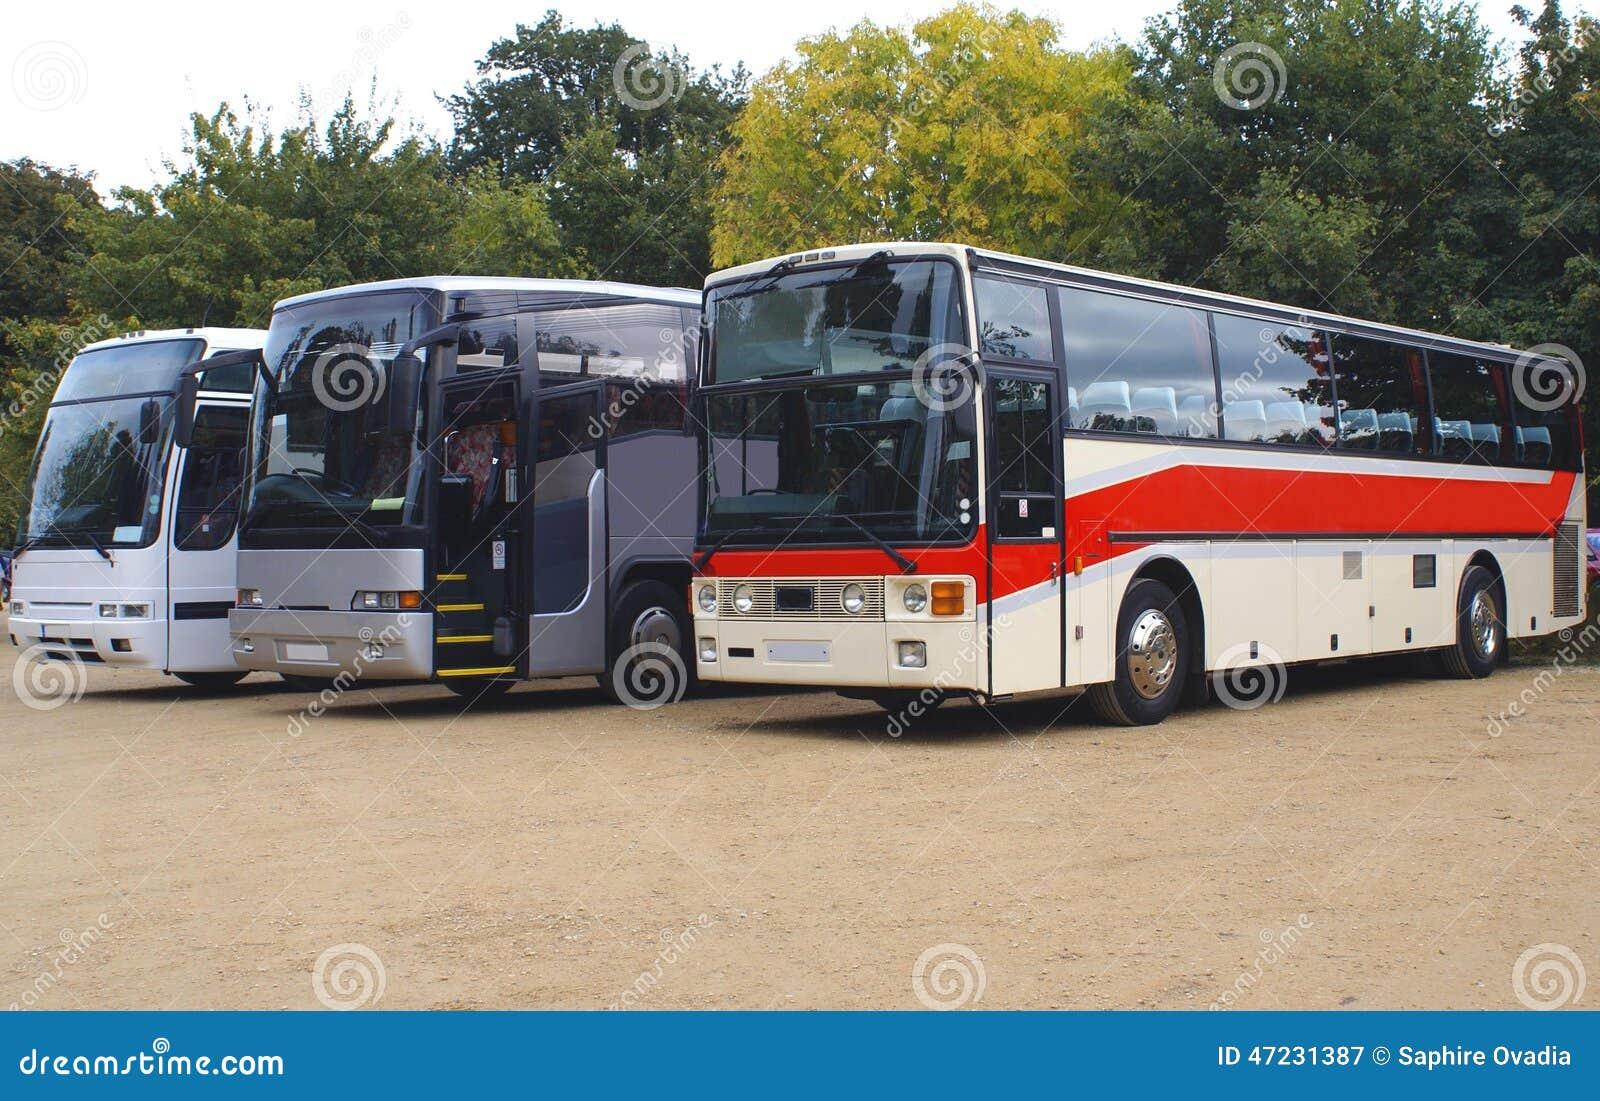 公共汽车 教练 公共汽车或教练在停车场停放了